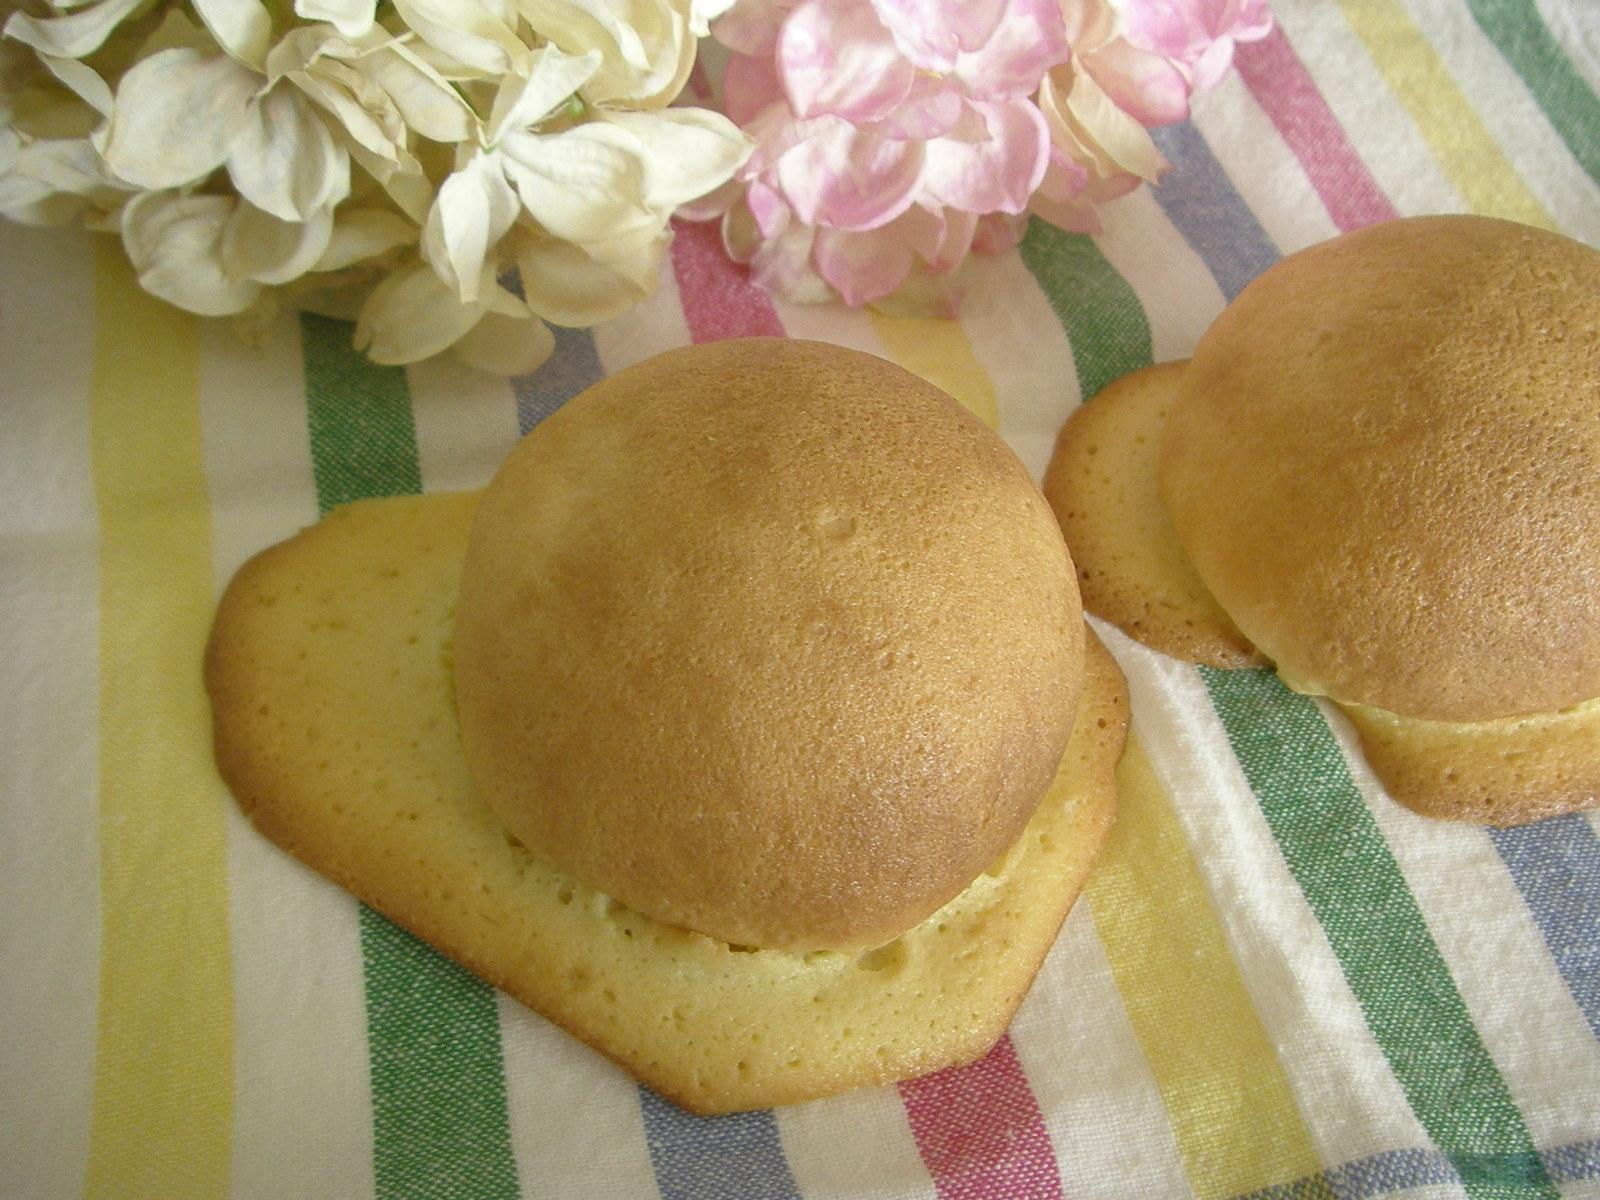 ボルガ(スウィートブール、ぼうしパンとも呼ばれます)